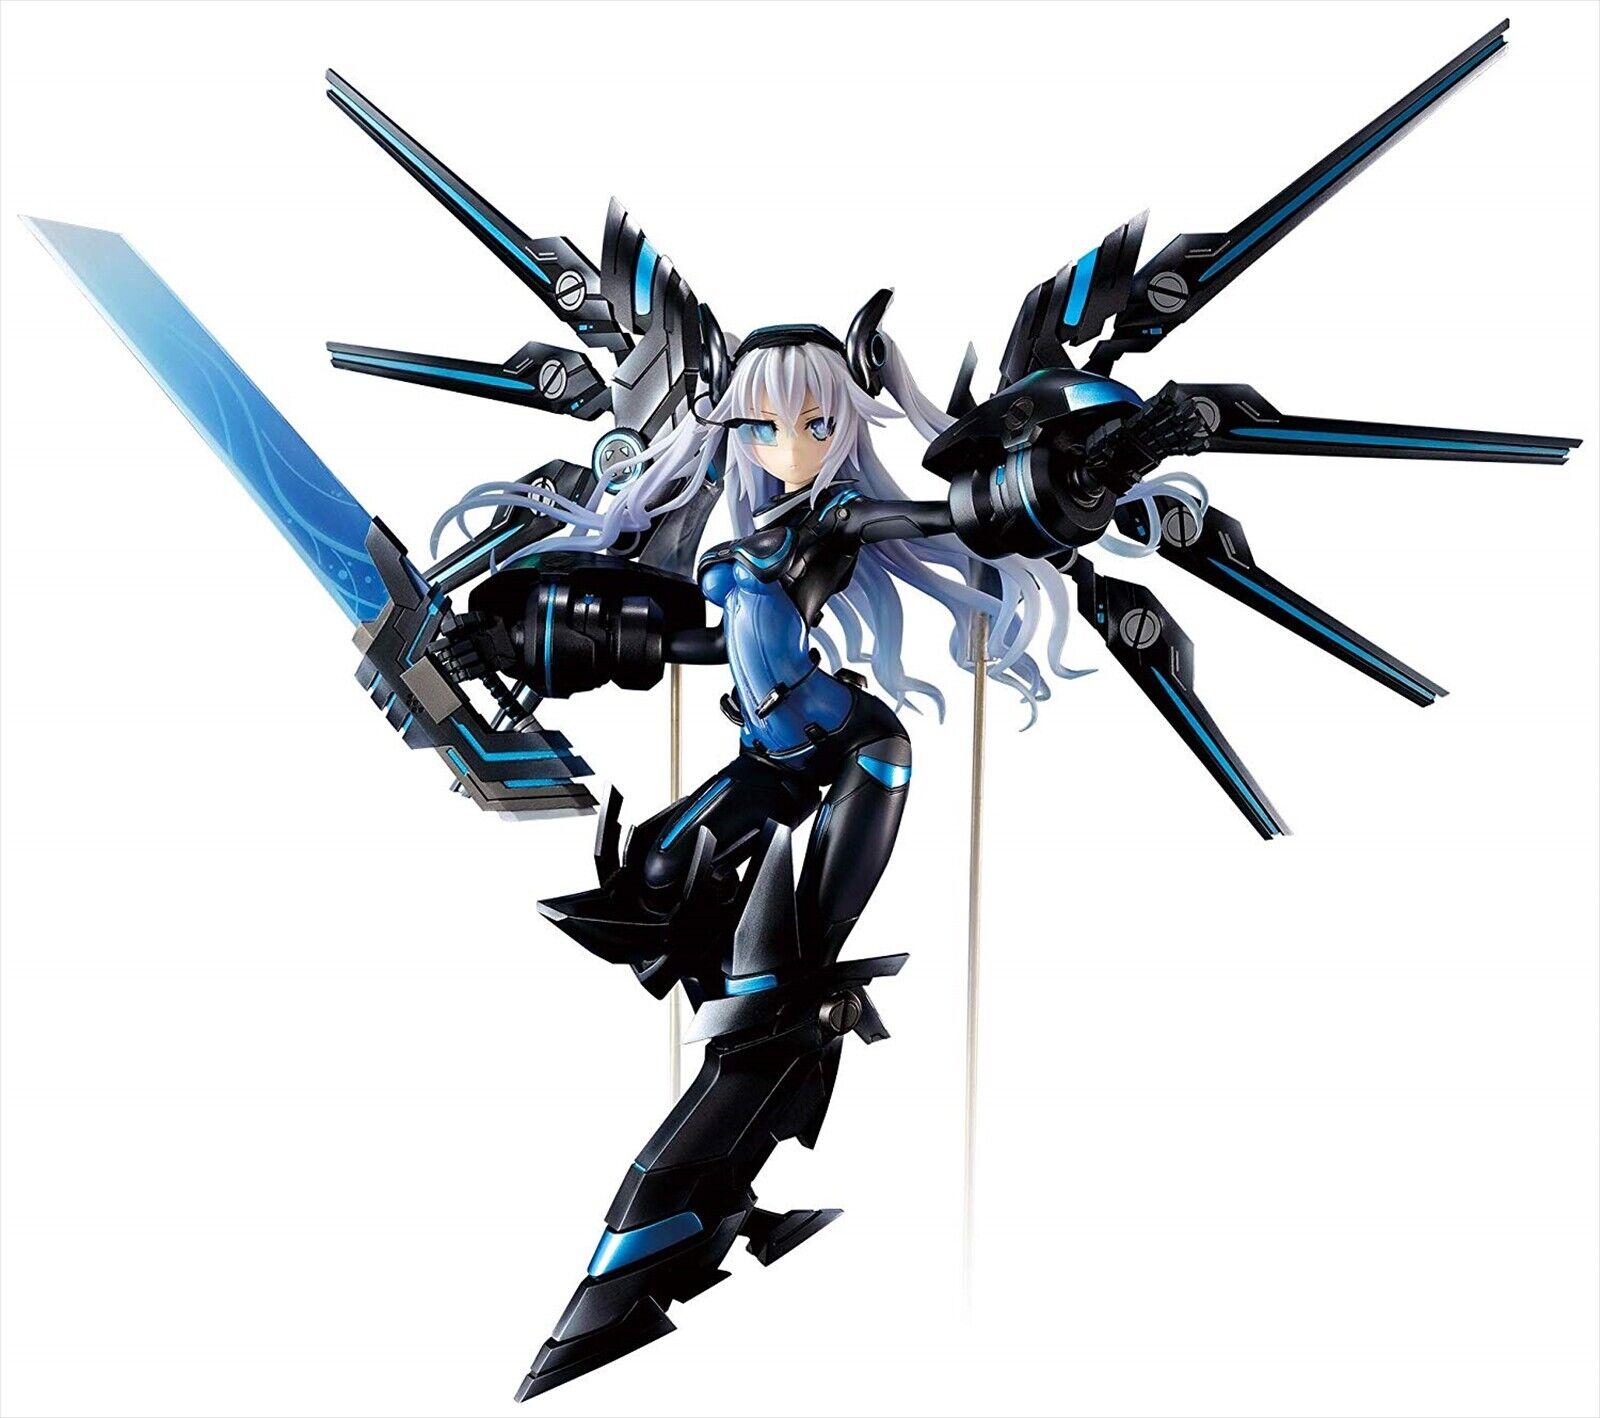 Pre verdeex Nueva dimensión juego Neptunia VII siguiente figura Negra Nueva